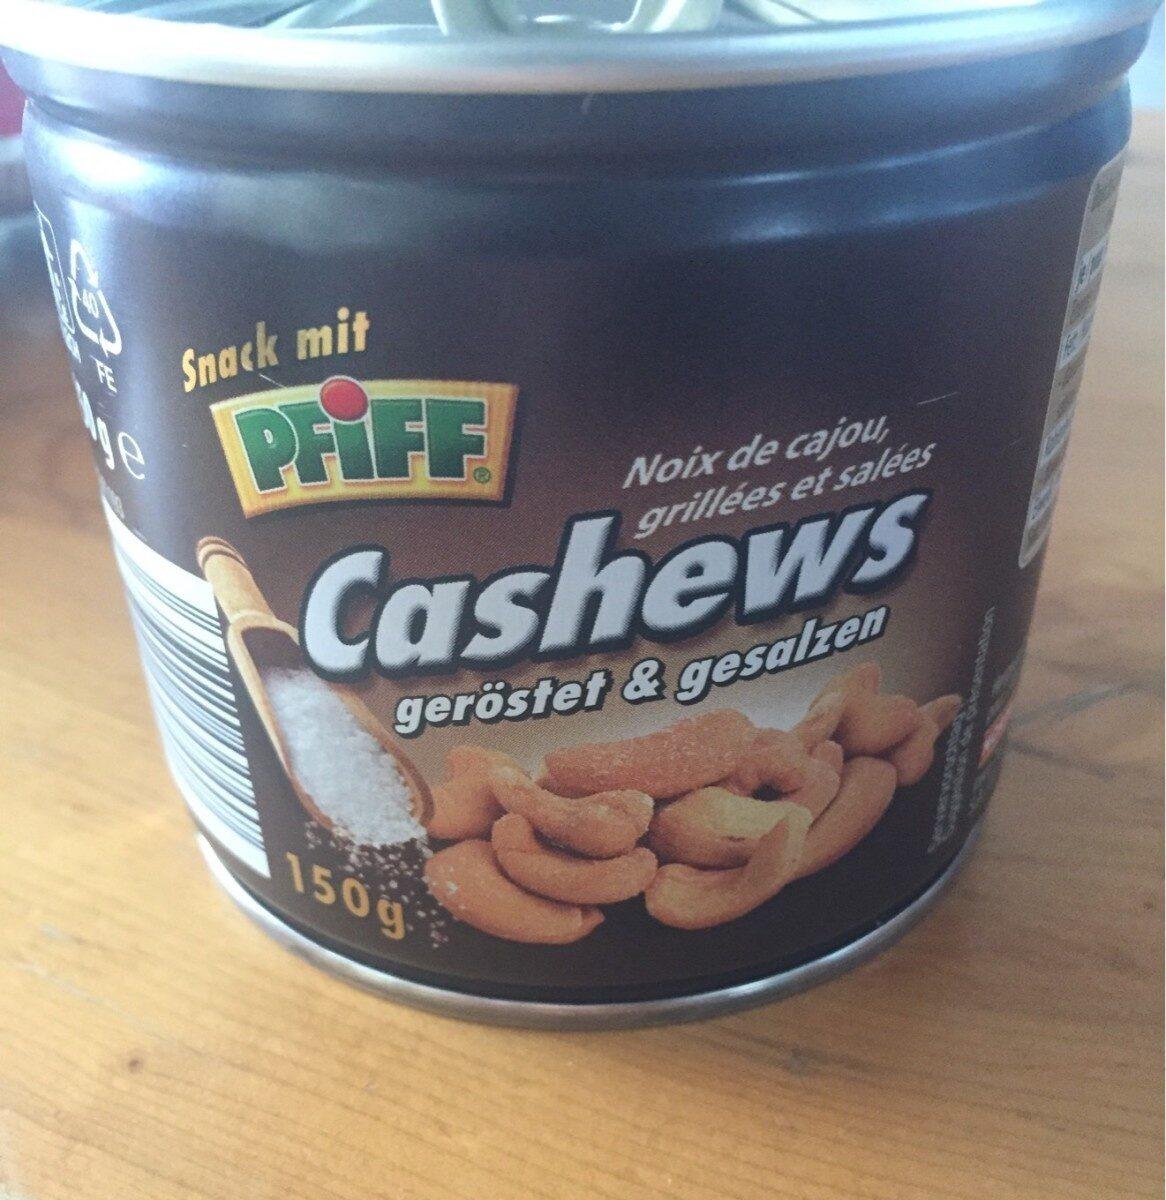 Cashews geröstet und gesalzen - Product - de